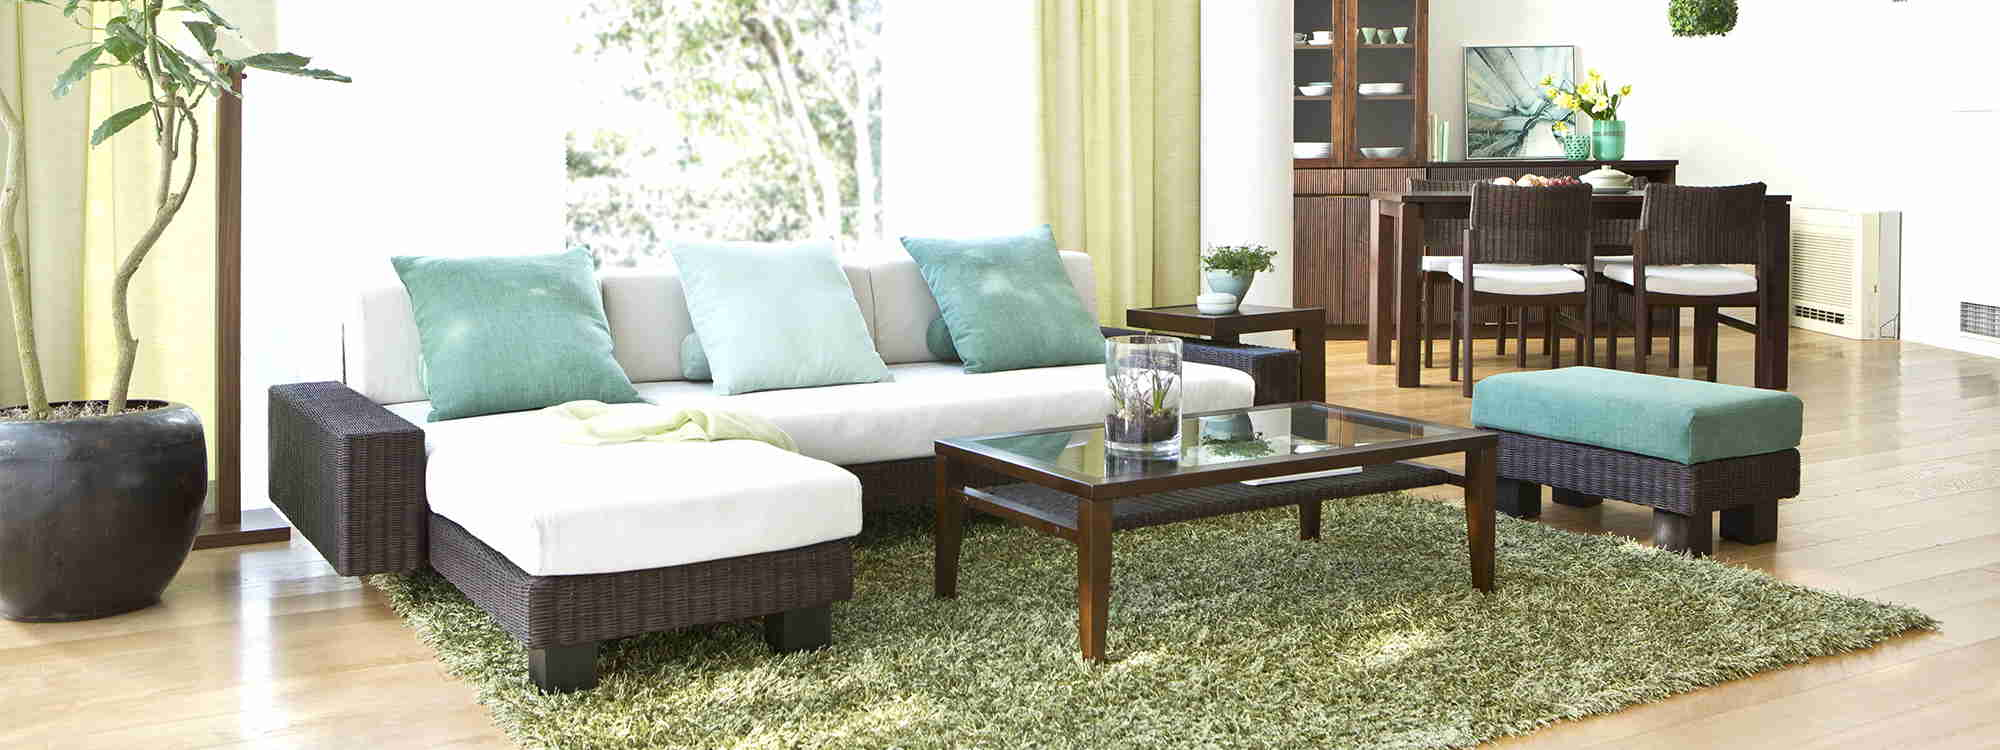 ガーデングリーン ~アジアン家具~